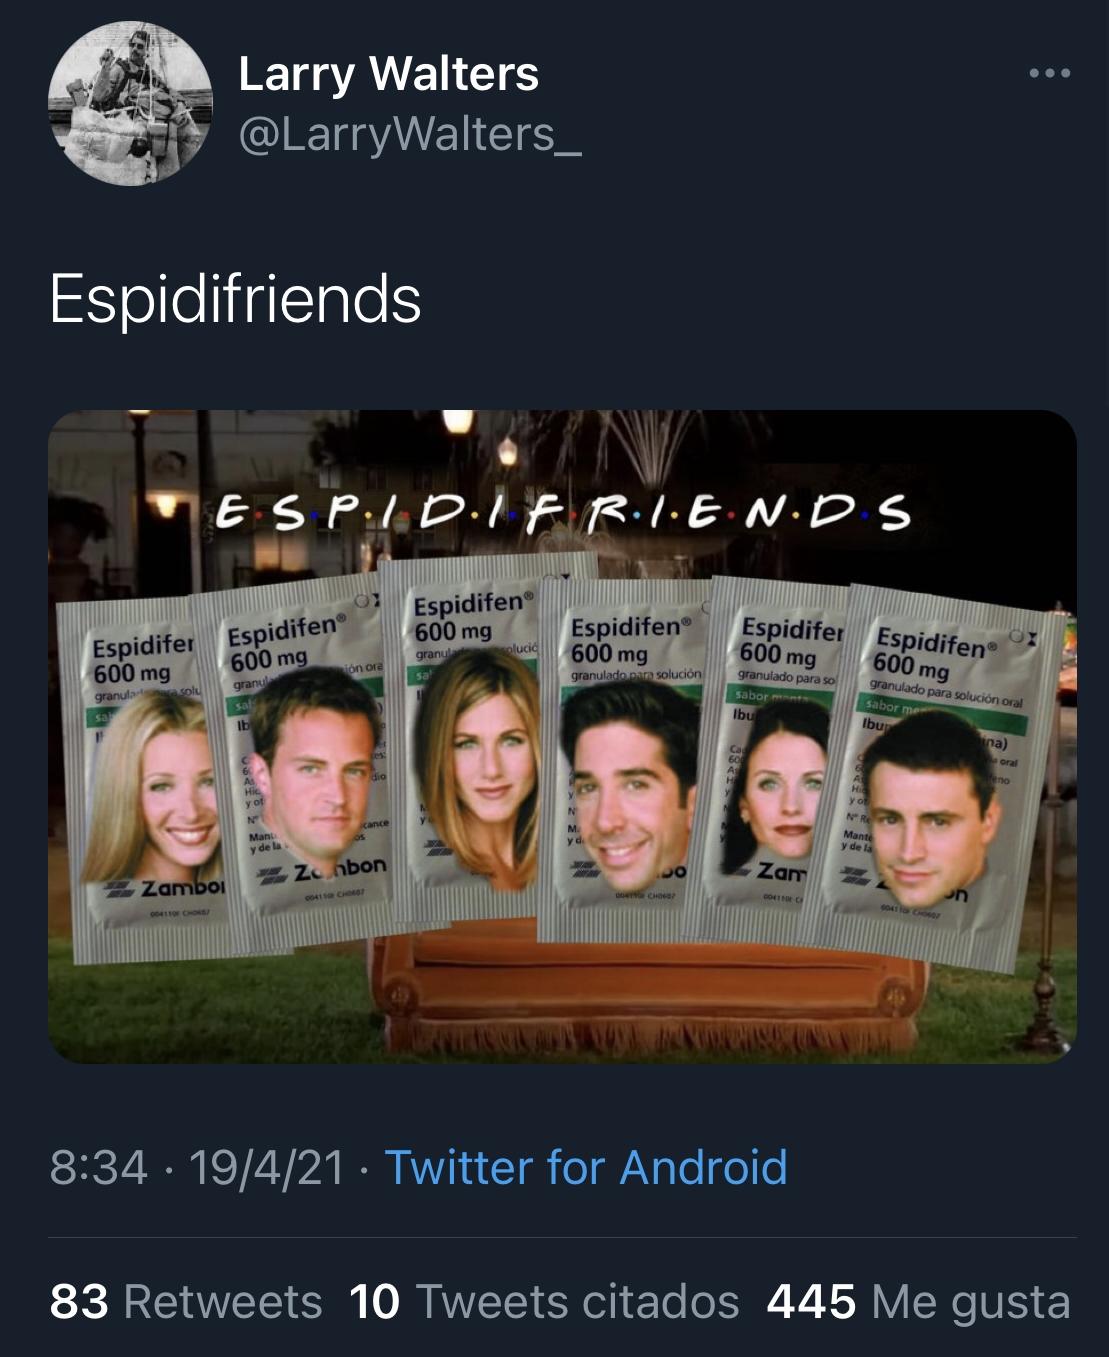 Espidifriends